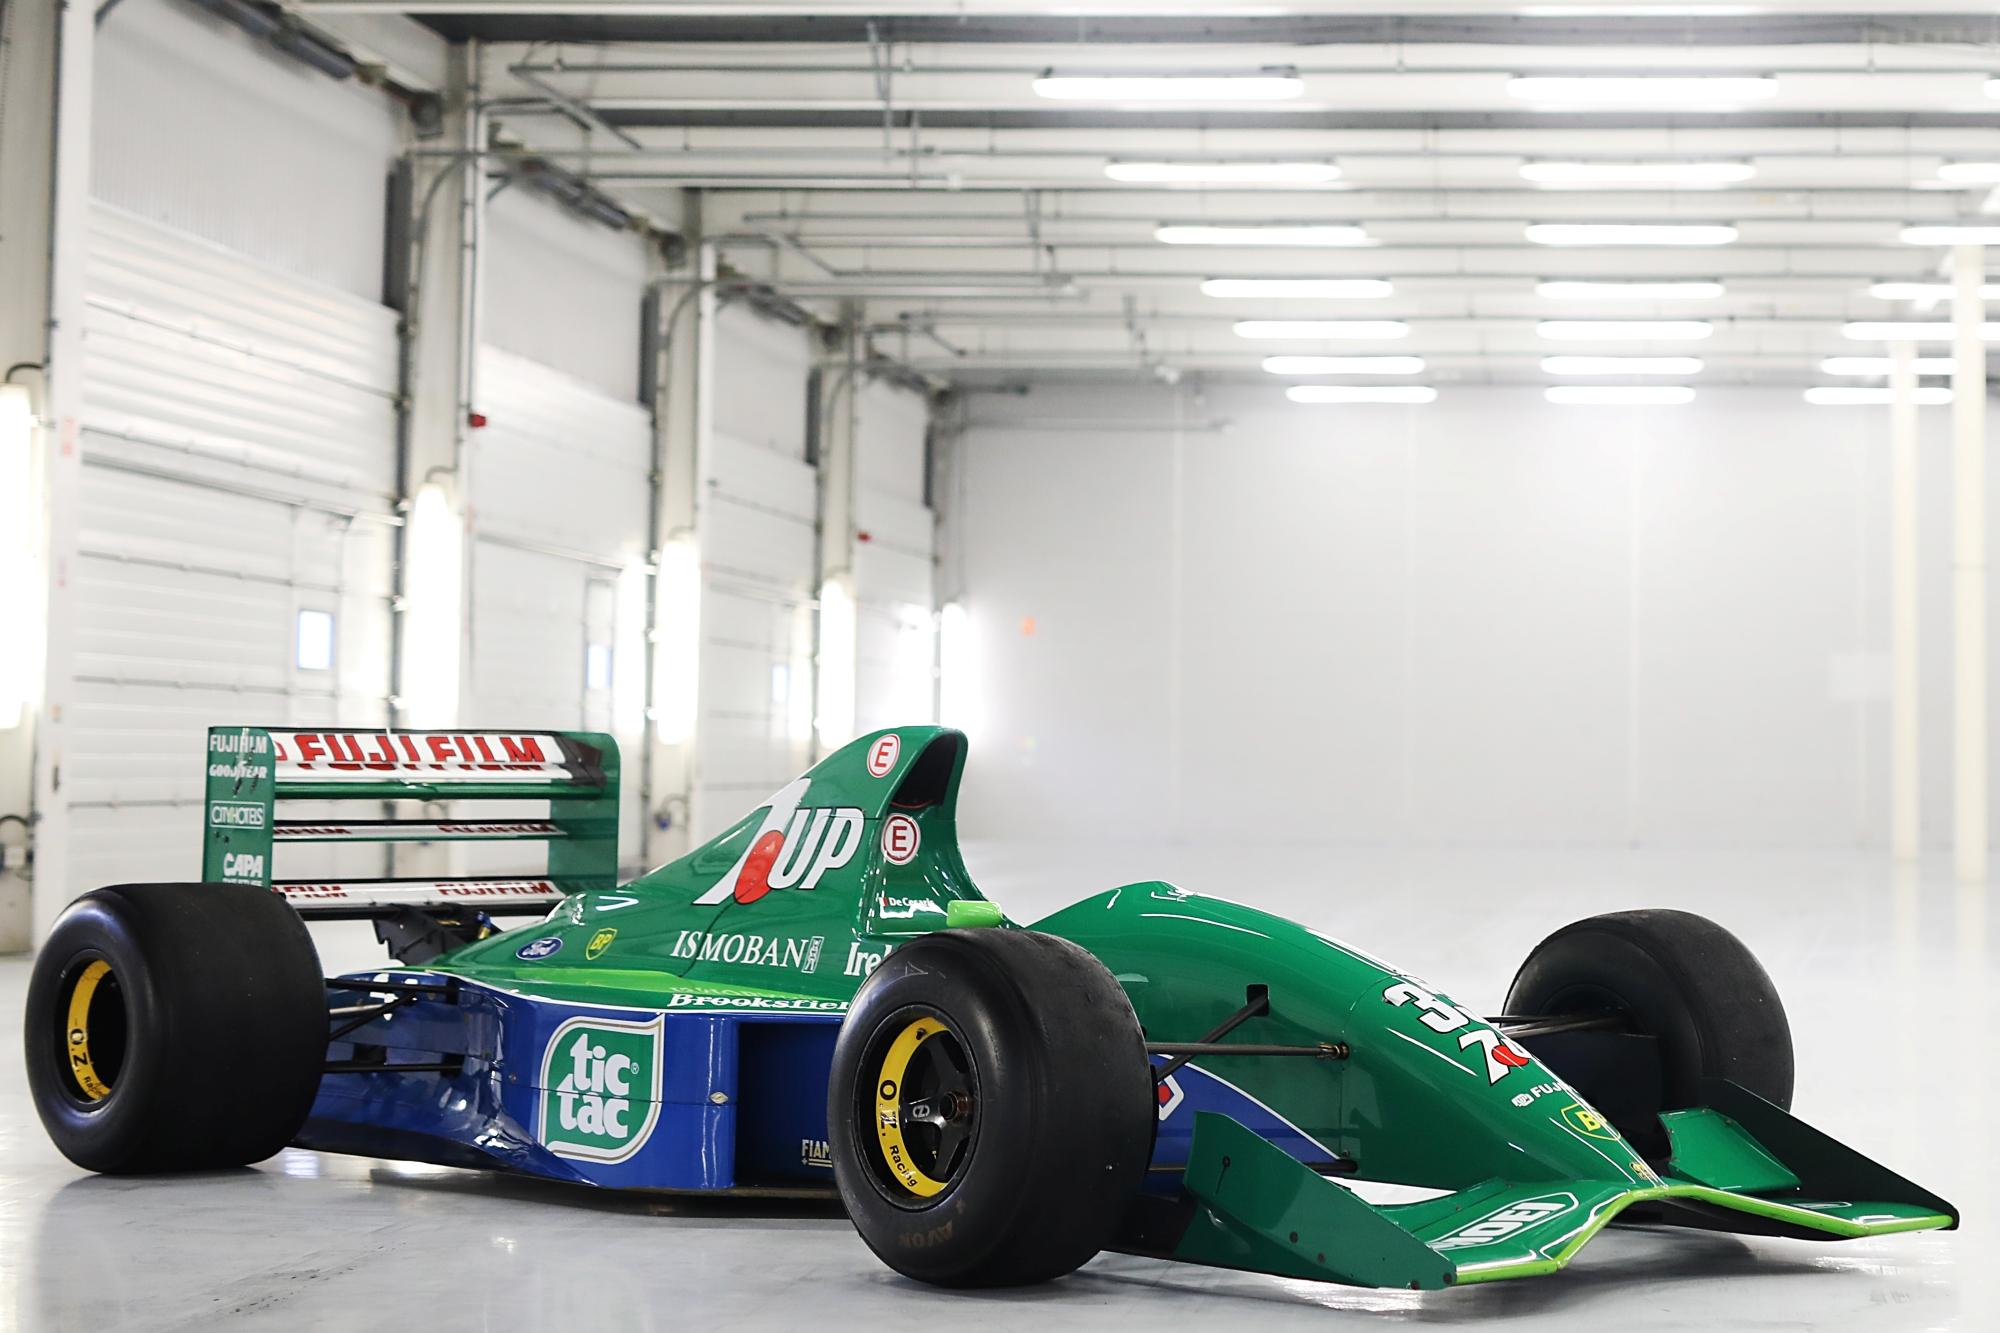 Eladó Michael Schumacher első F1-es autója